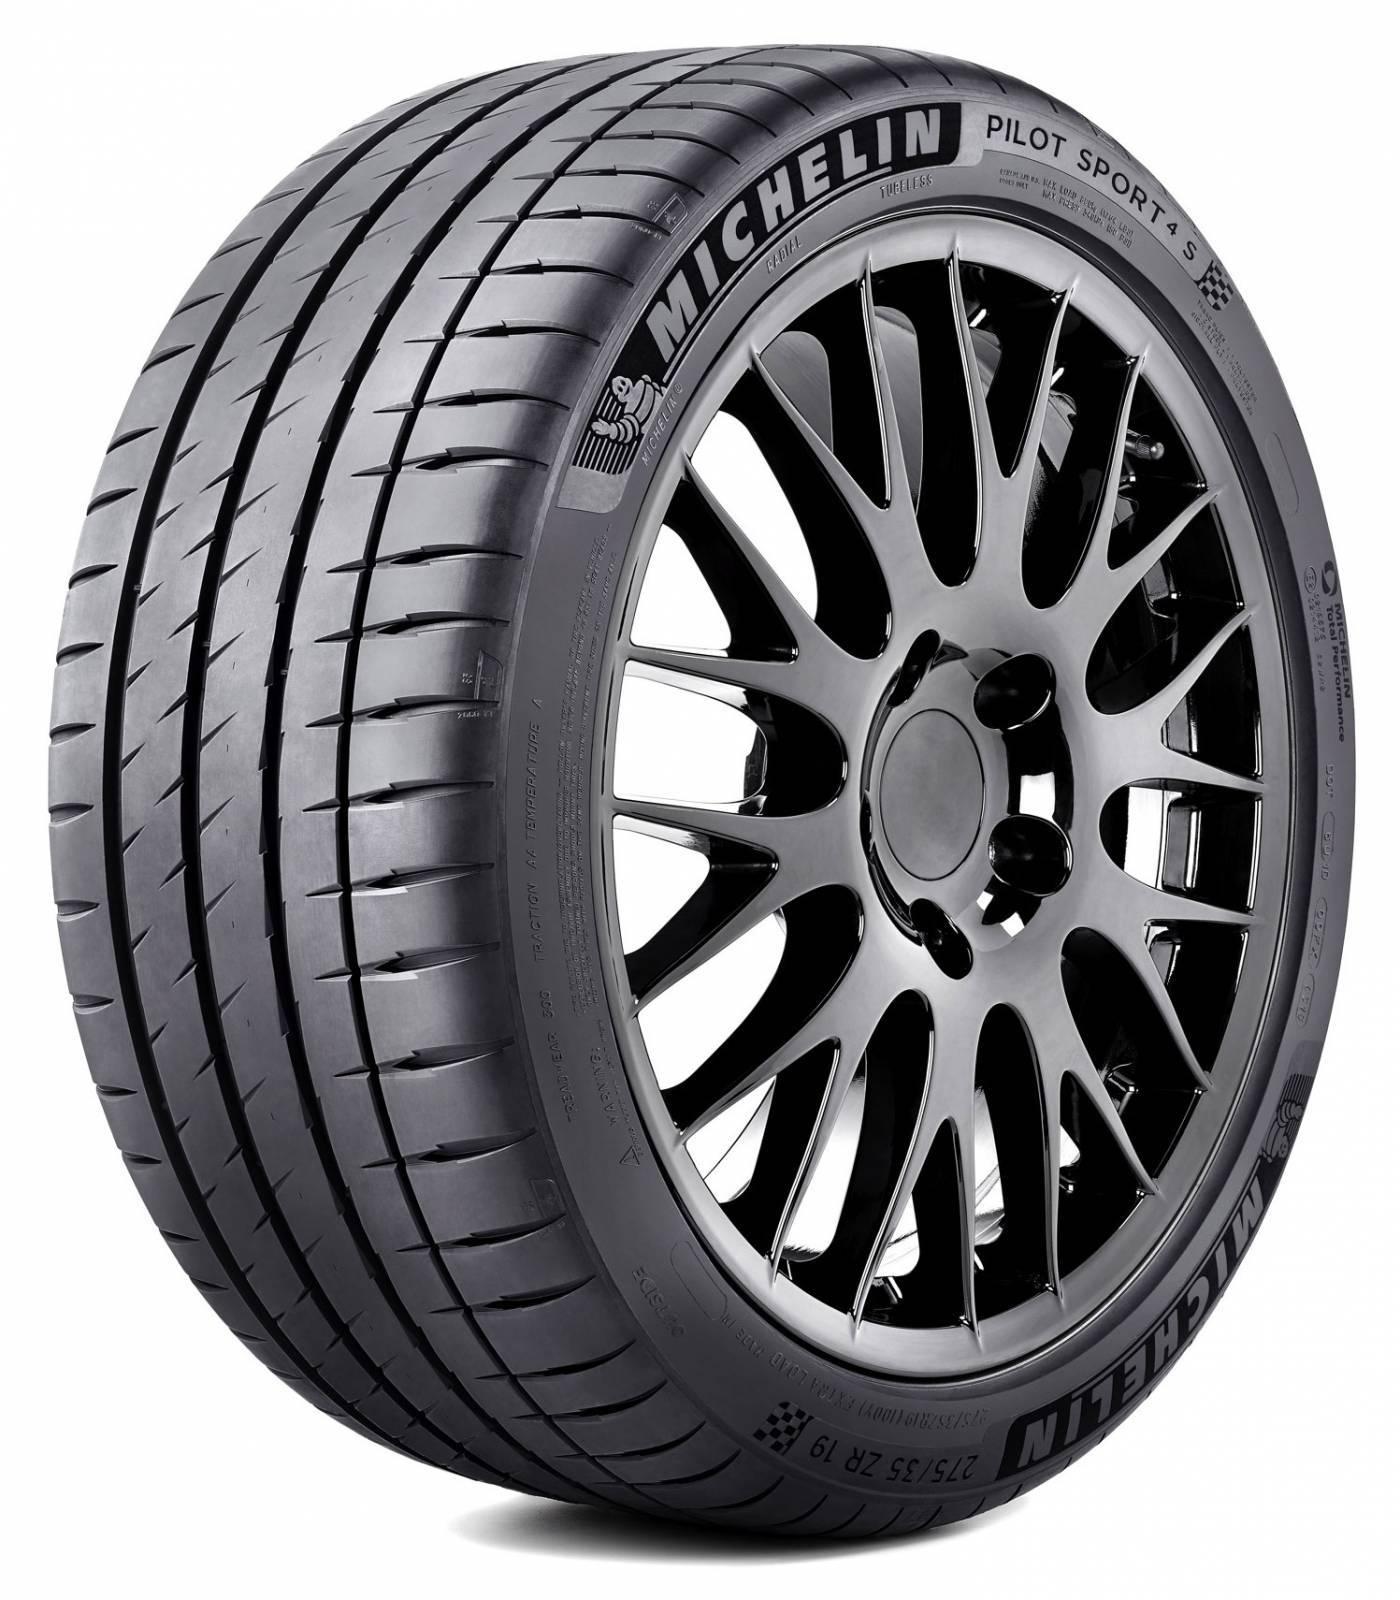 Pneu Michelin Pilot Sport 4 S 235/35 R20 92Y - ATS Pneus